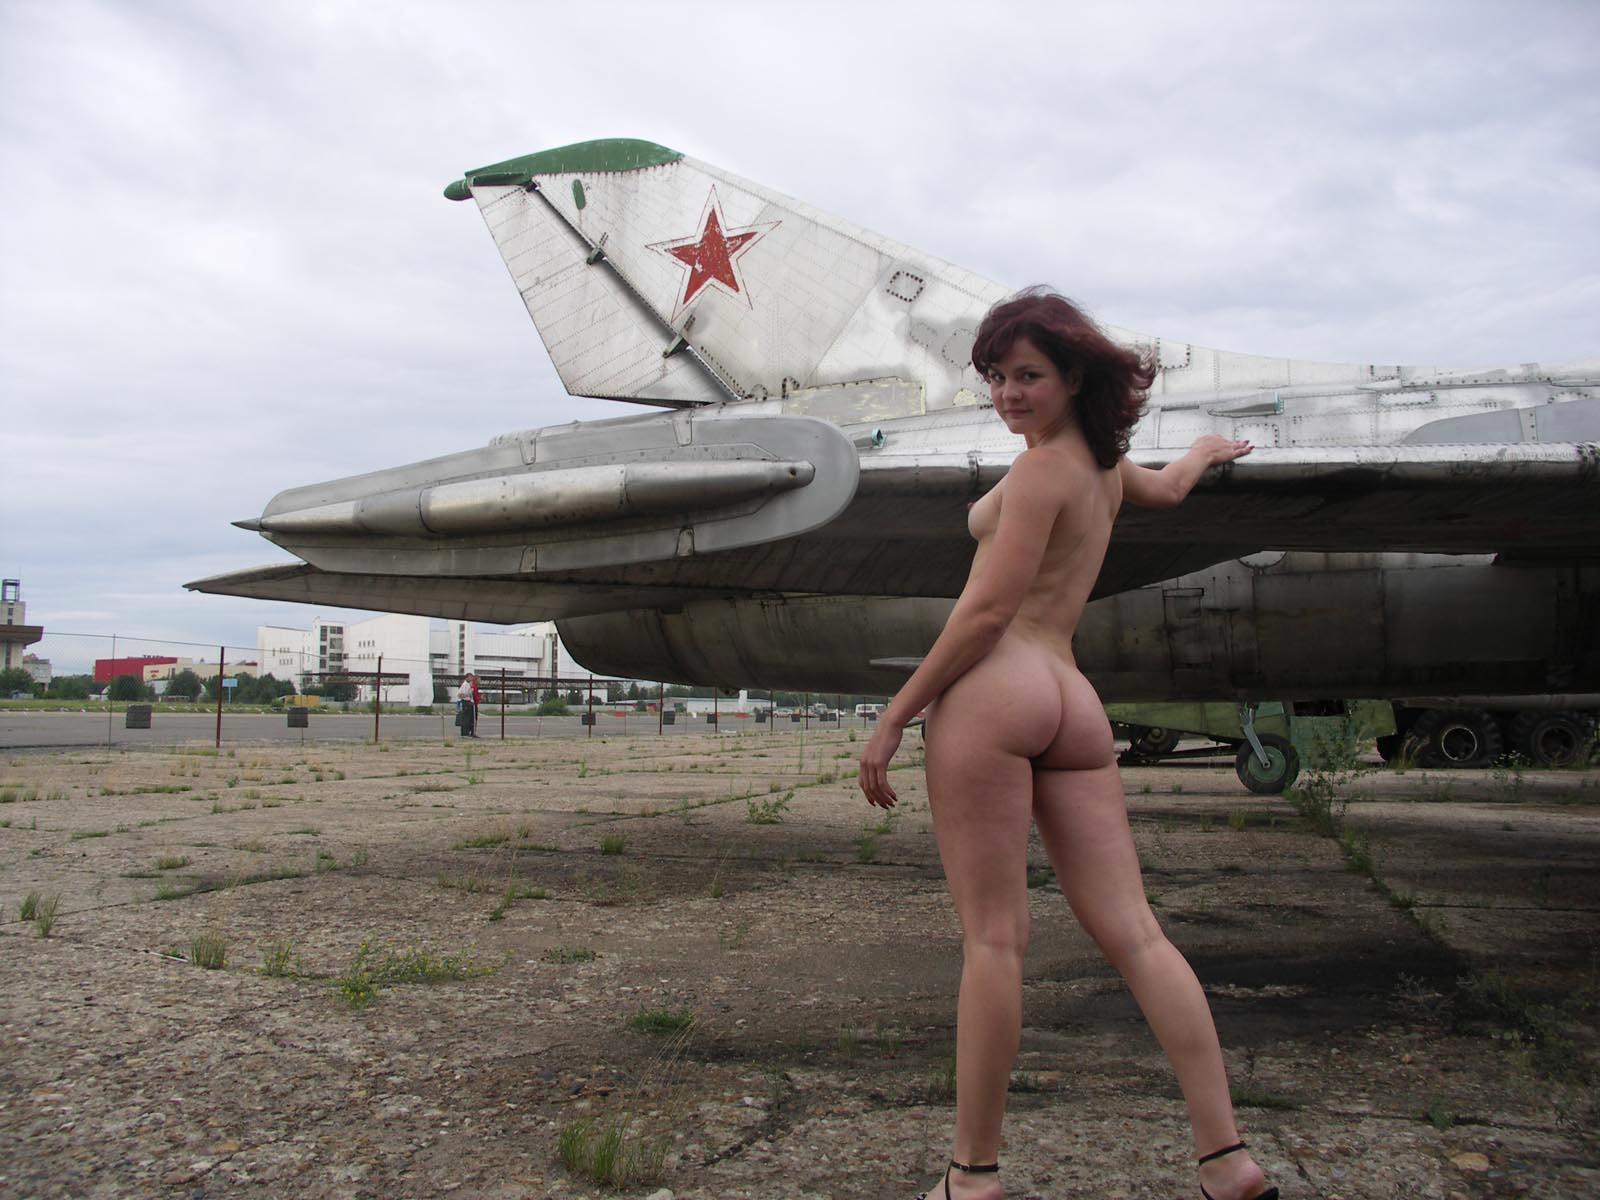 Naked girls airplane jet plane